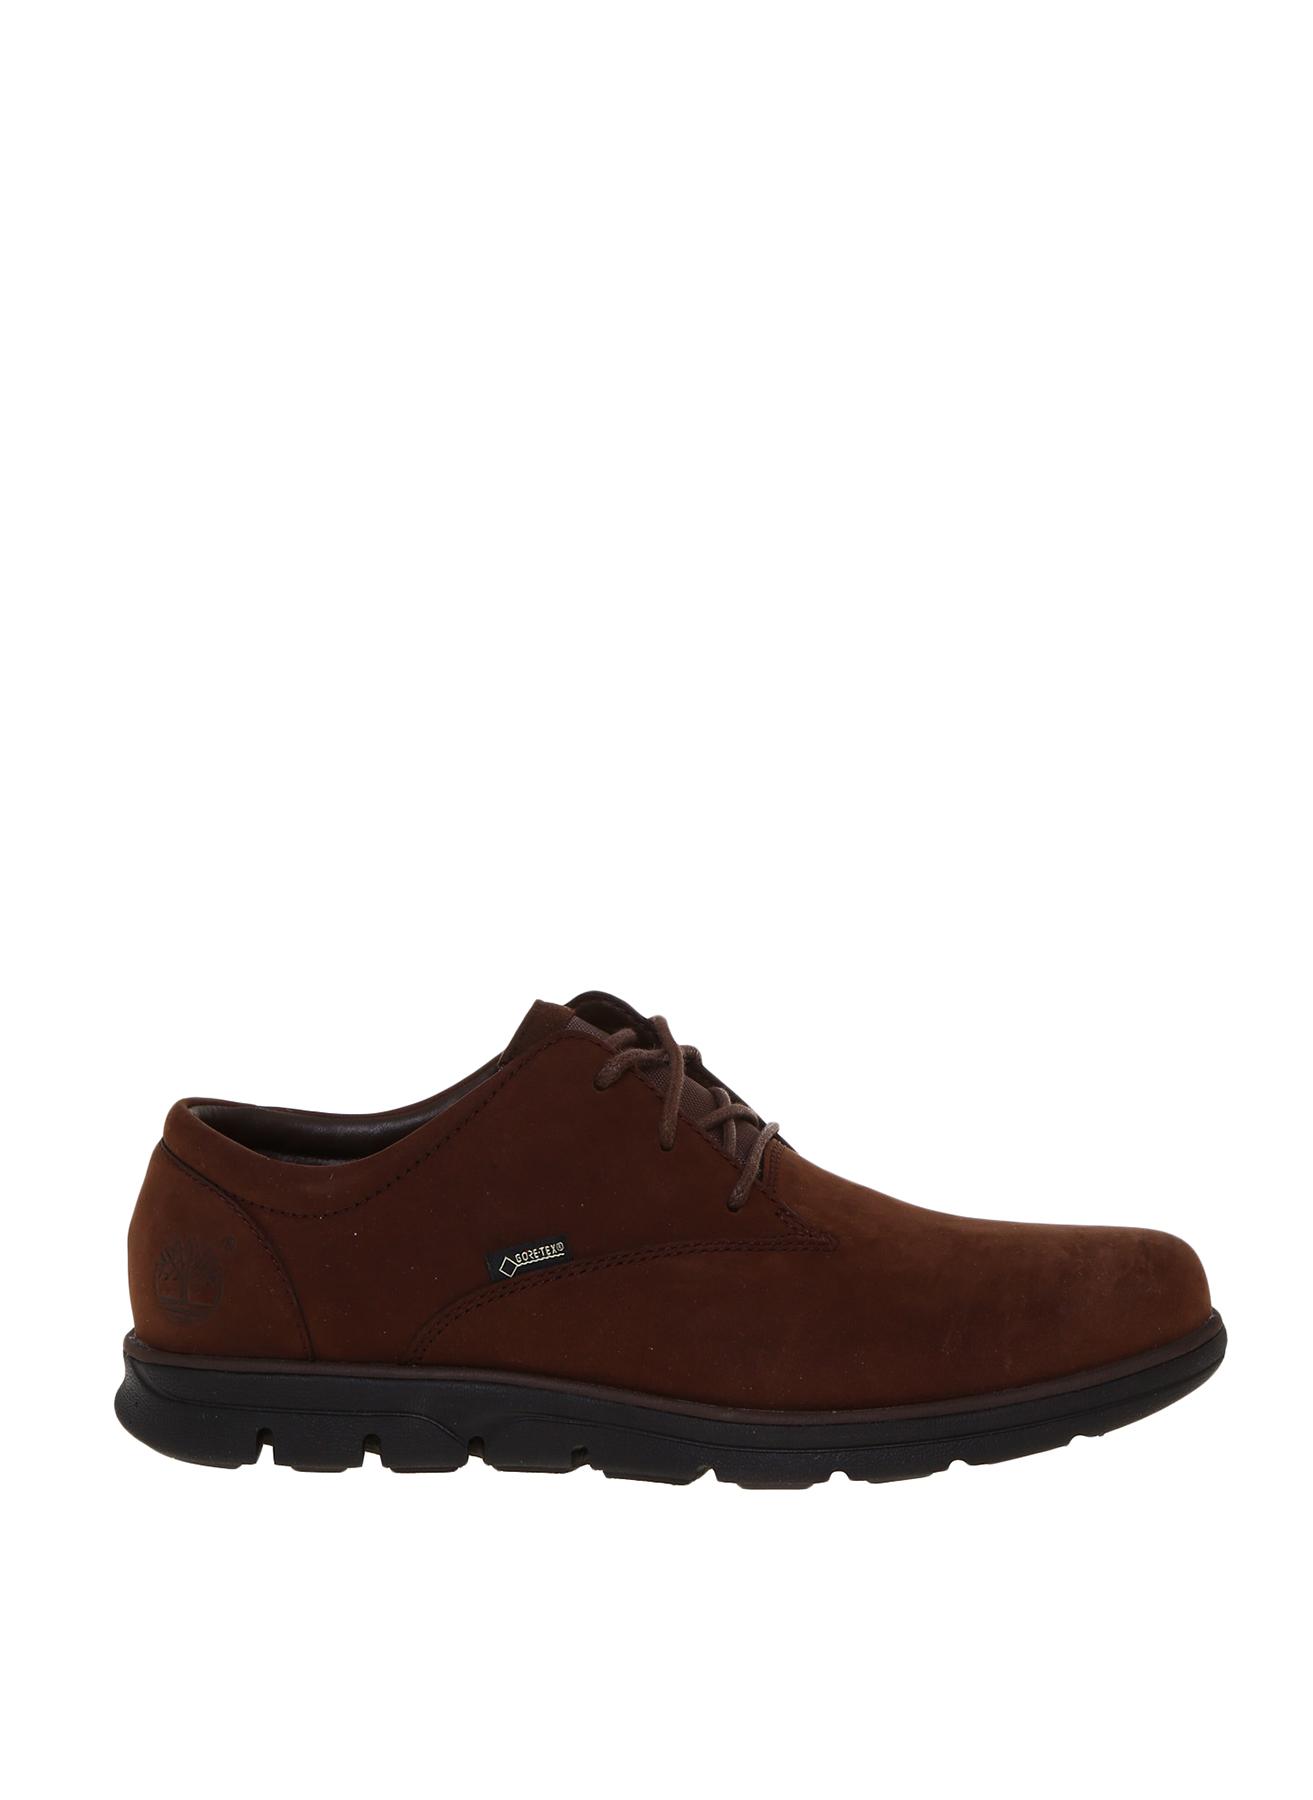 Timberland Tb0A14B12421 Bradstreet Casual Ox Gtx Günlük Ayakkabı 41 5002341095002 Ürün Resmi